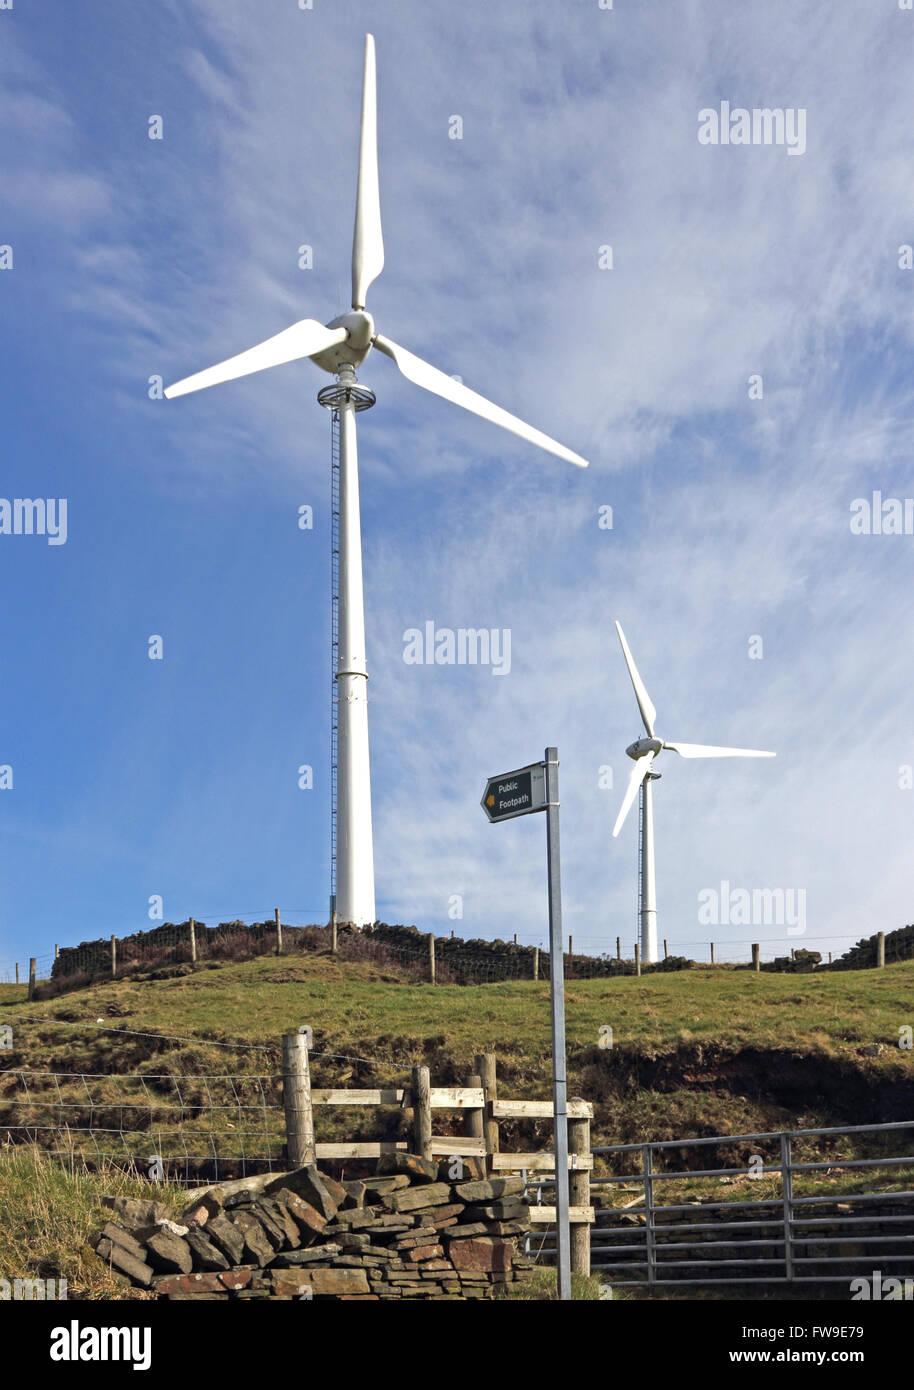 Wind trieb stromerzeugende Turbinen in ländlicher Umgebung Stockbild